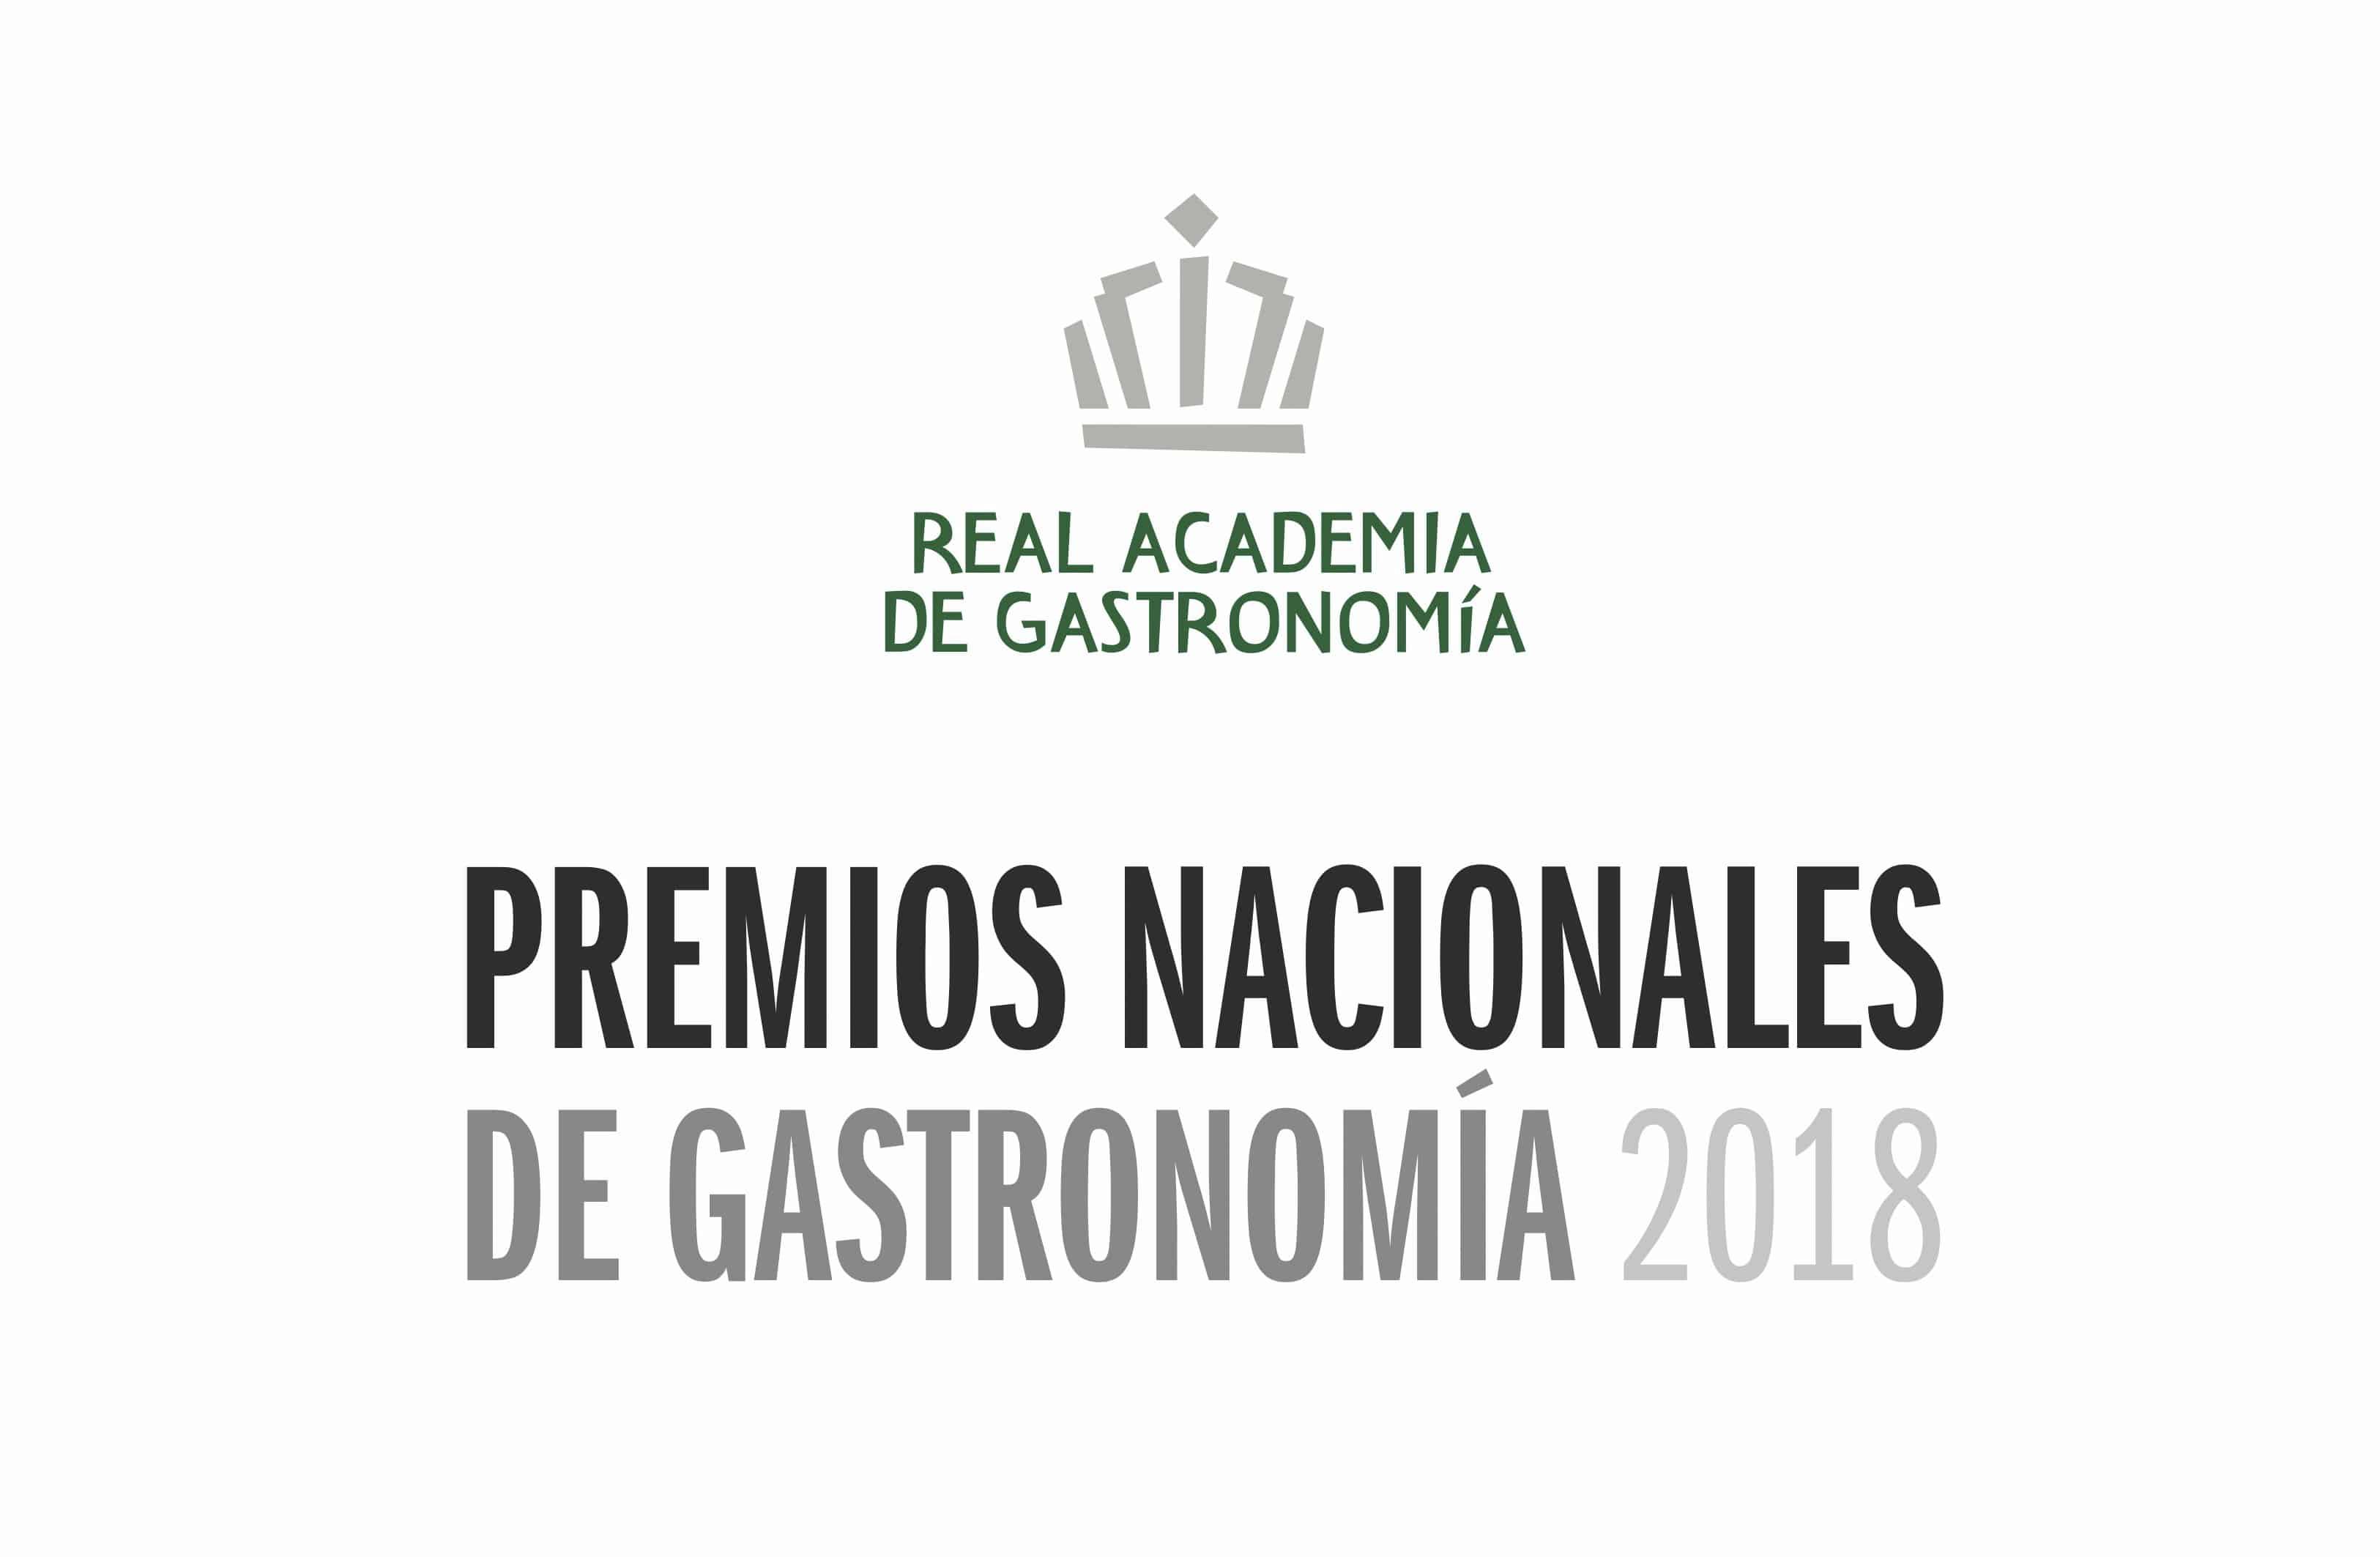 Los Premios Nacionales de Gastronomía calientan motores